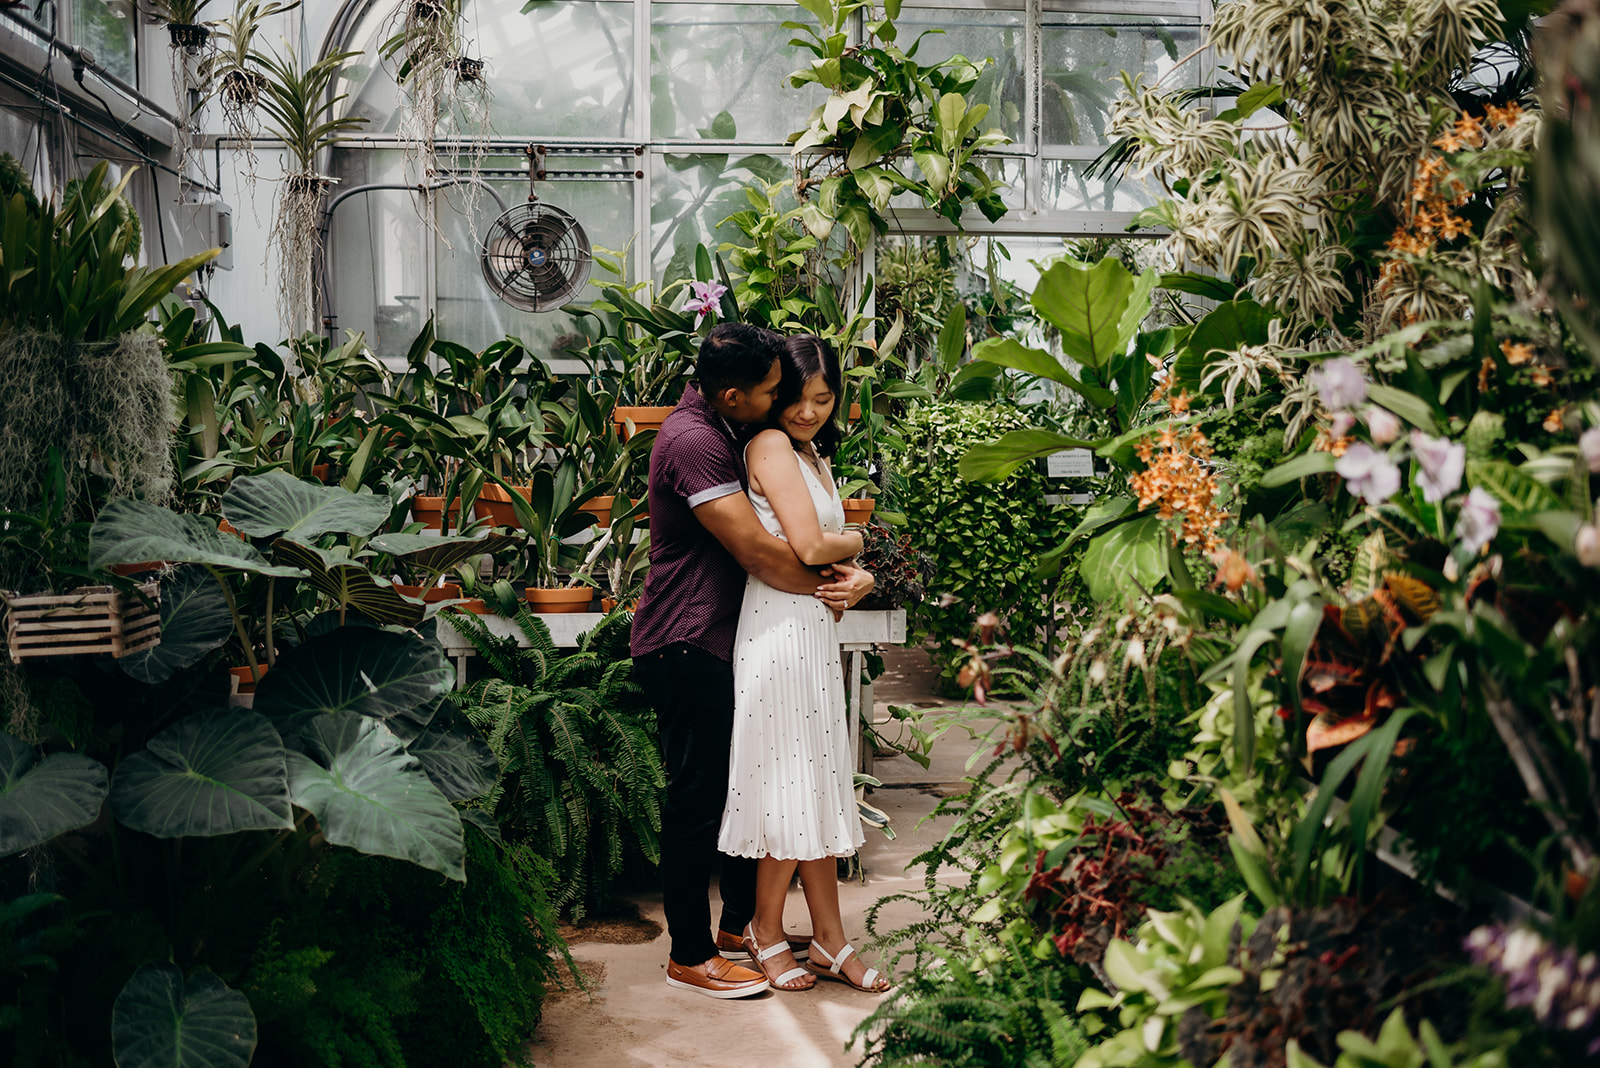 Washington DC botanical garden engagement session hillwood estates and gardens greenhouse